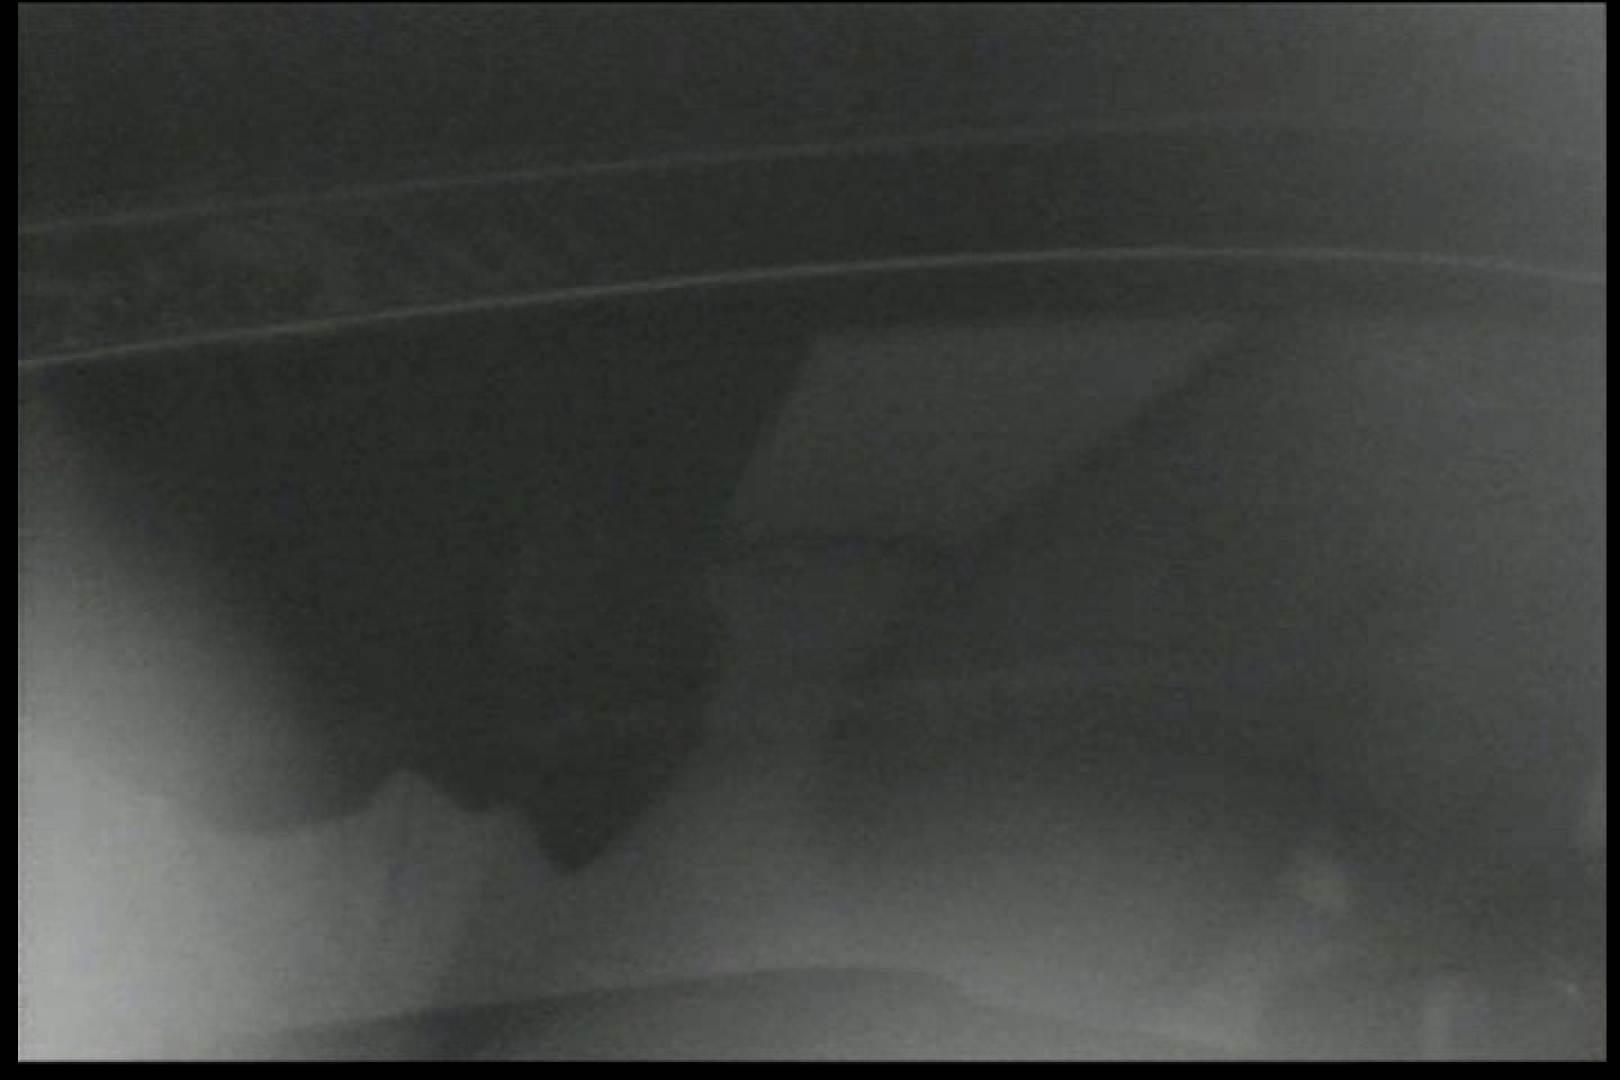 車の中はラブホテル 無修正版  Vol.12 望遠 隠し撮りオマンコ動画紹介 109連発 70